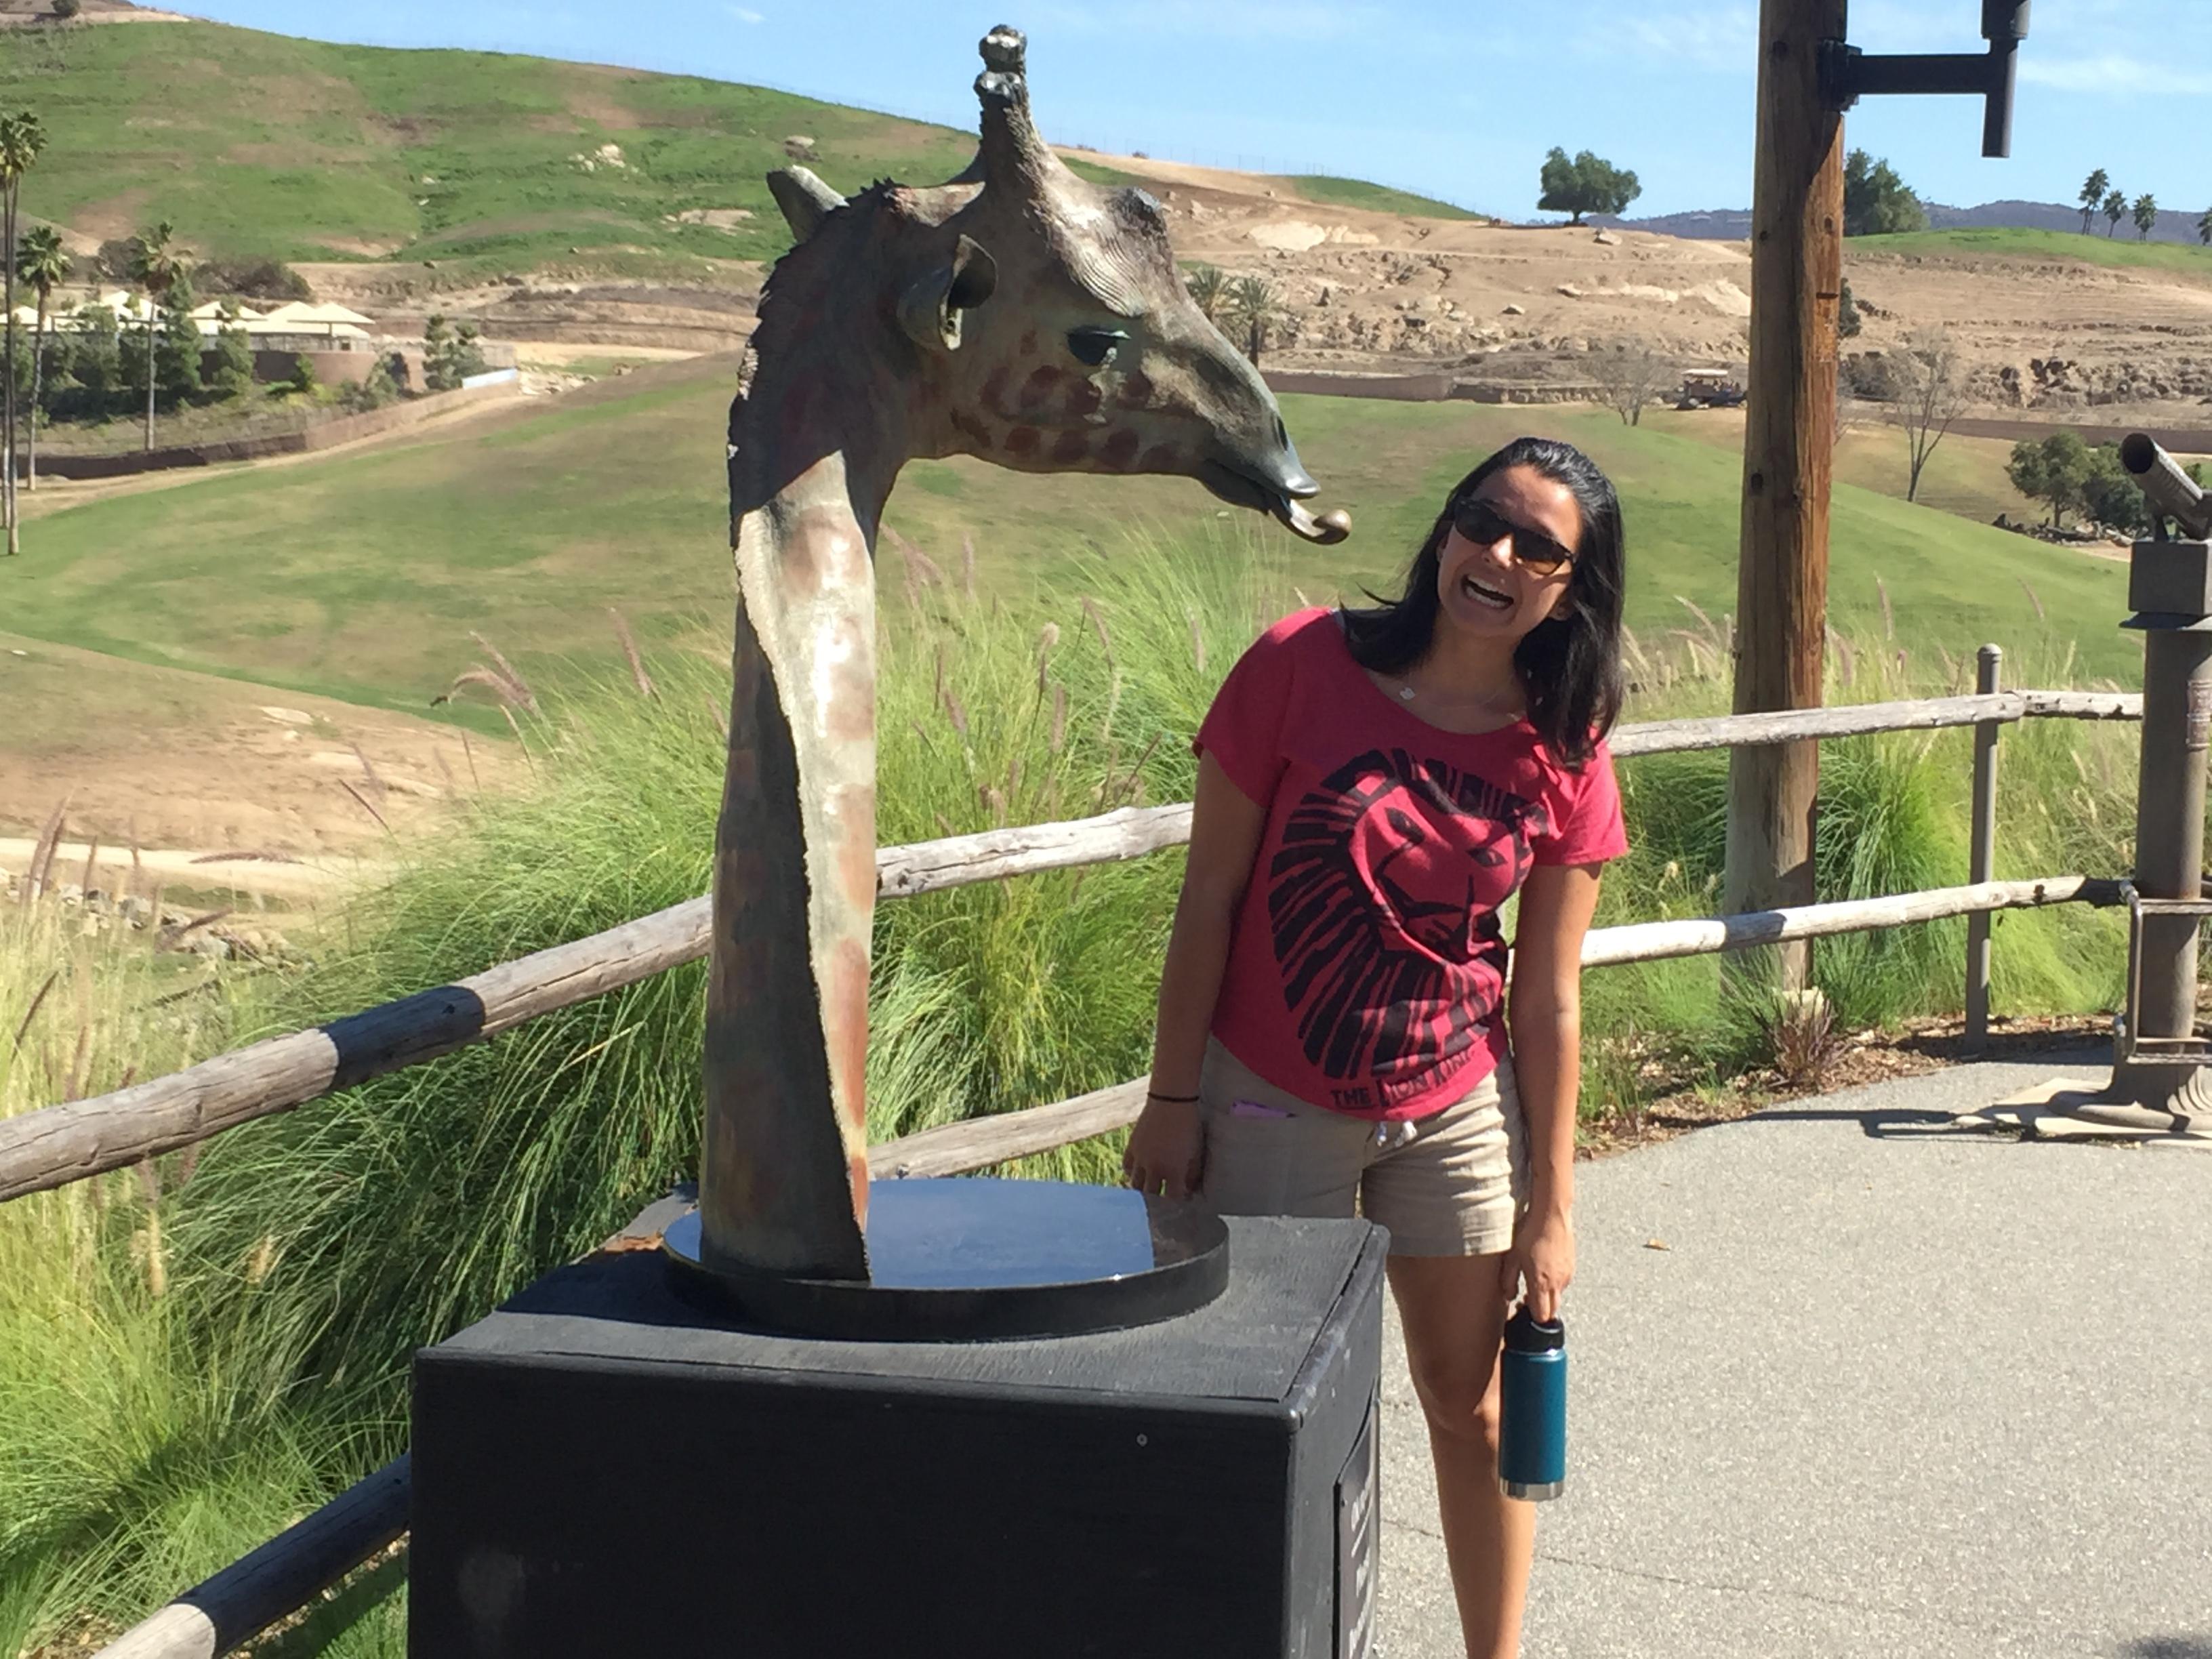 Belle & Mr. Giraffe